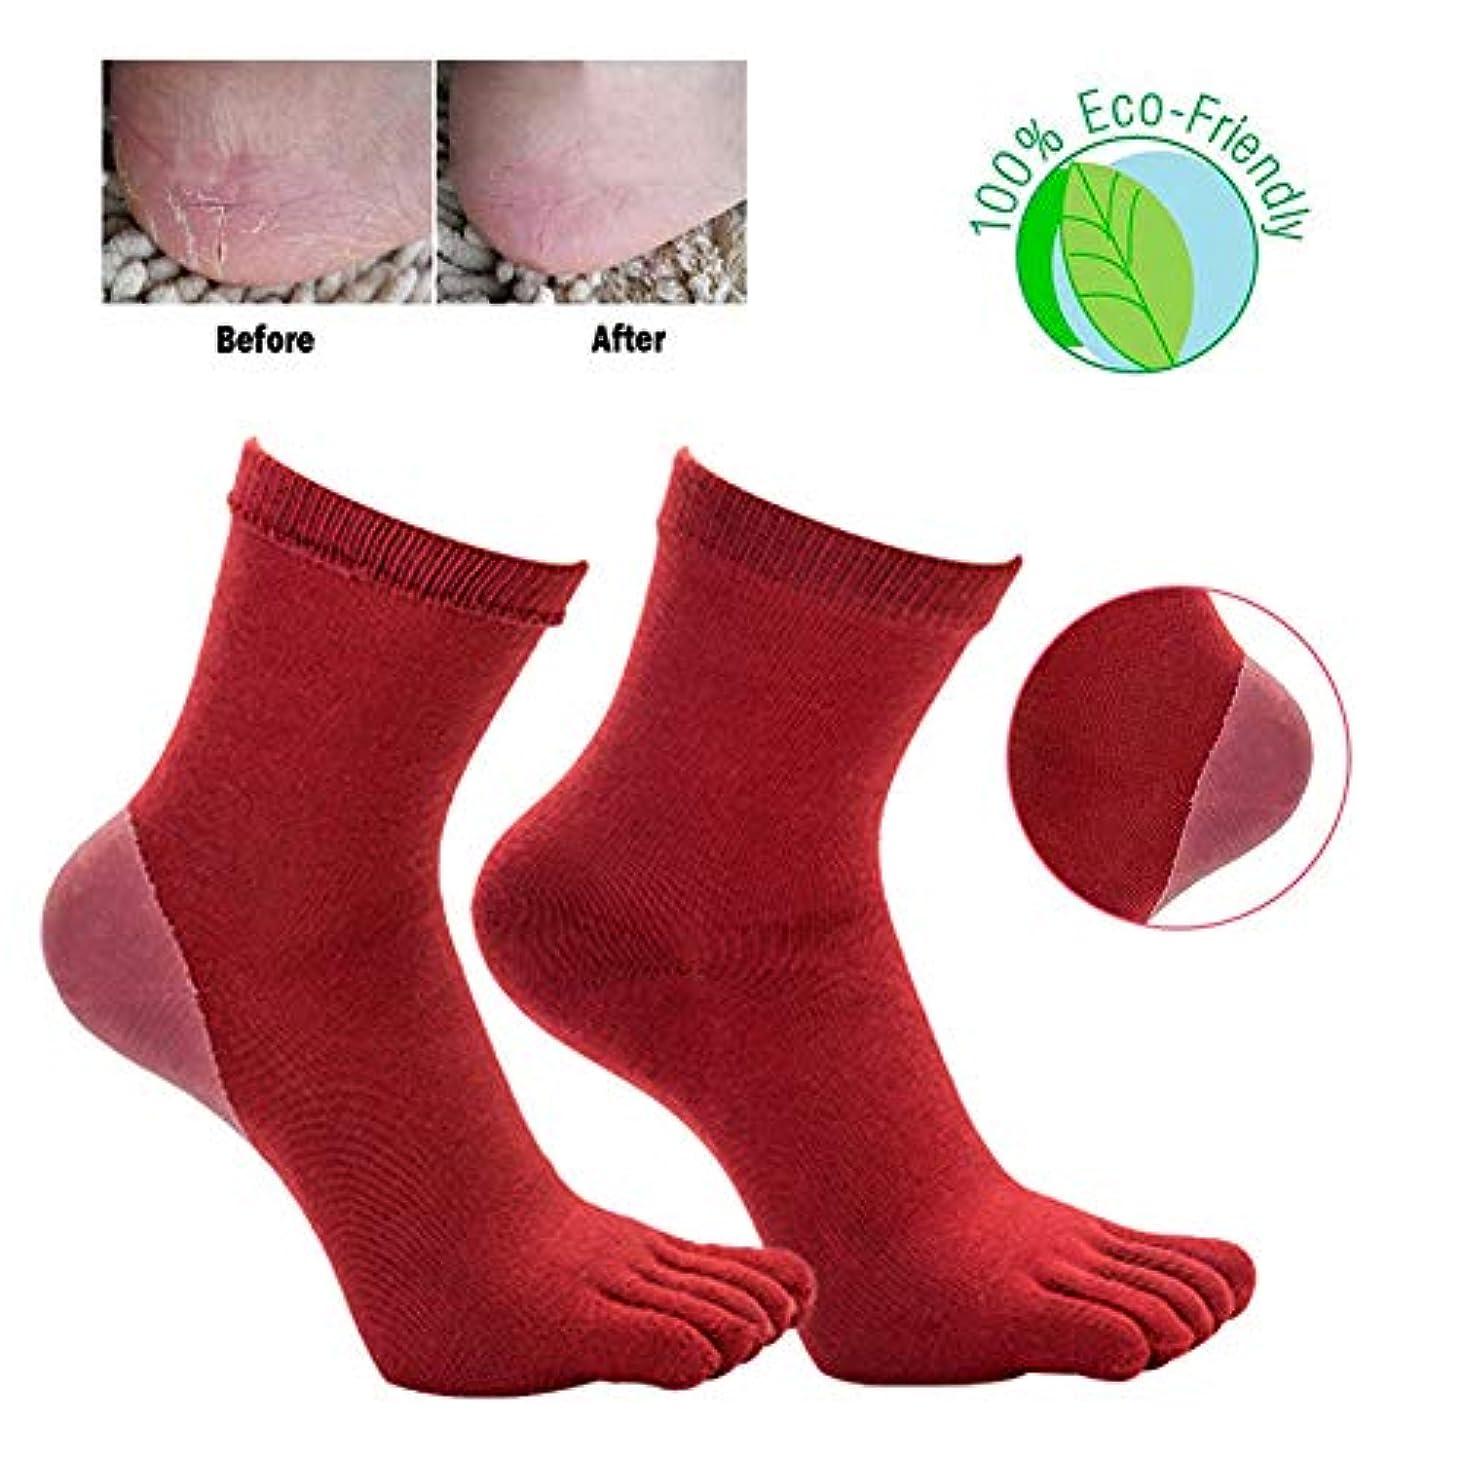 自体有能な降伏ひび割れ防止靴下秋と冬のアンチ足ひび割れ靴下アンチ足かかと割れひび割れエッセンシャルオイルジェルフットケア保湿女性靴下